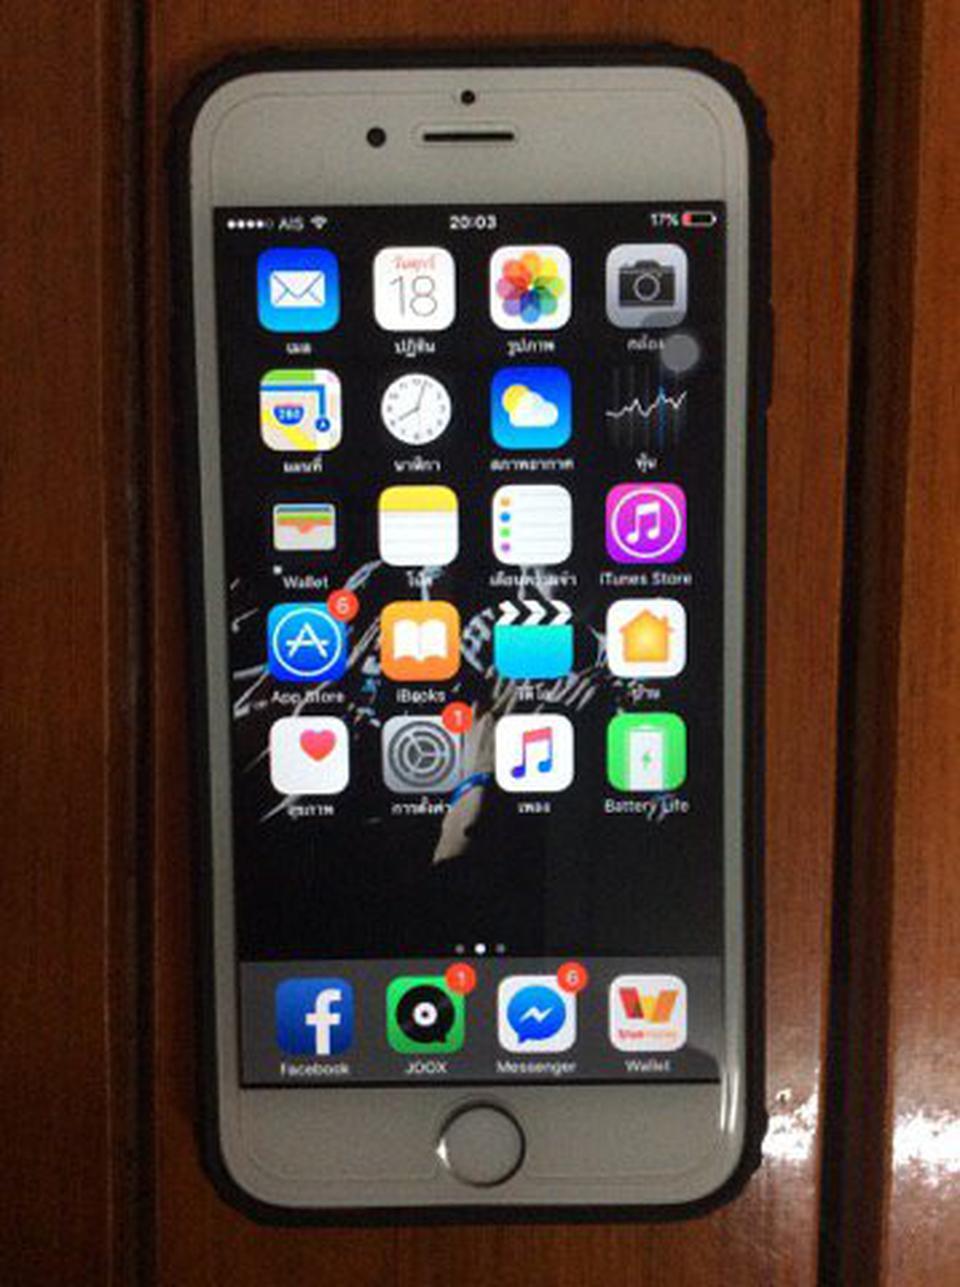 iphone6ไอโฟน6 สีขาวสวยๆ รูปที่ 1